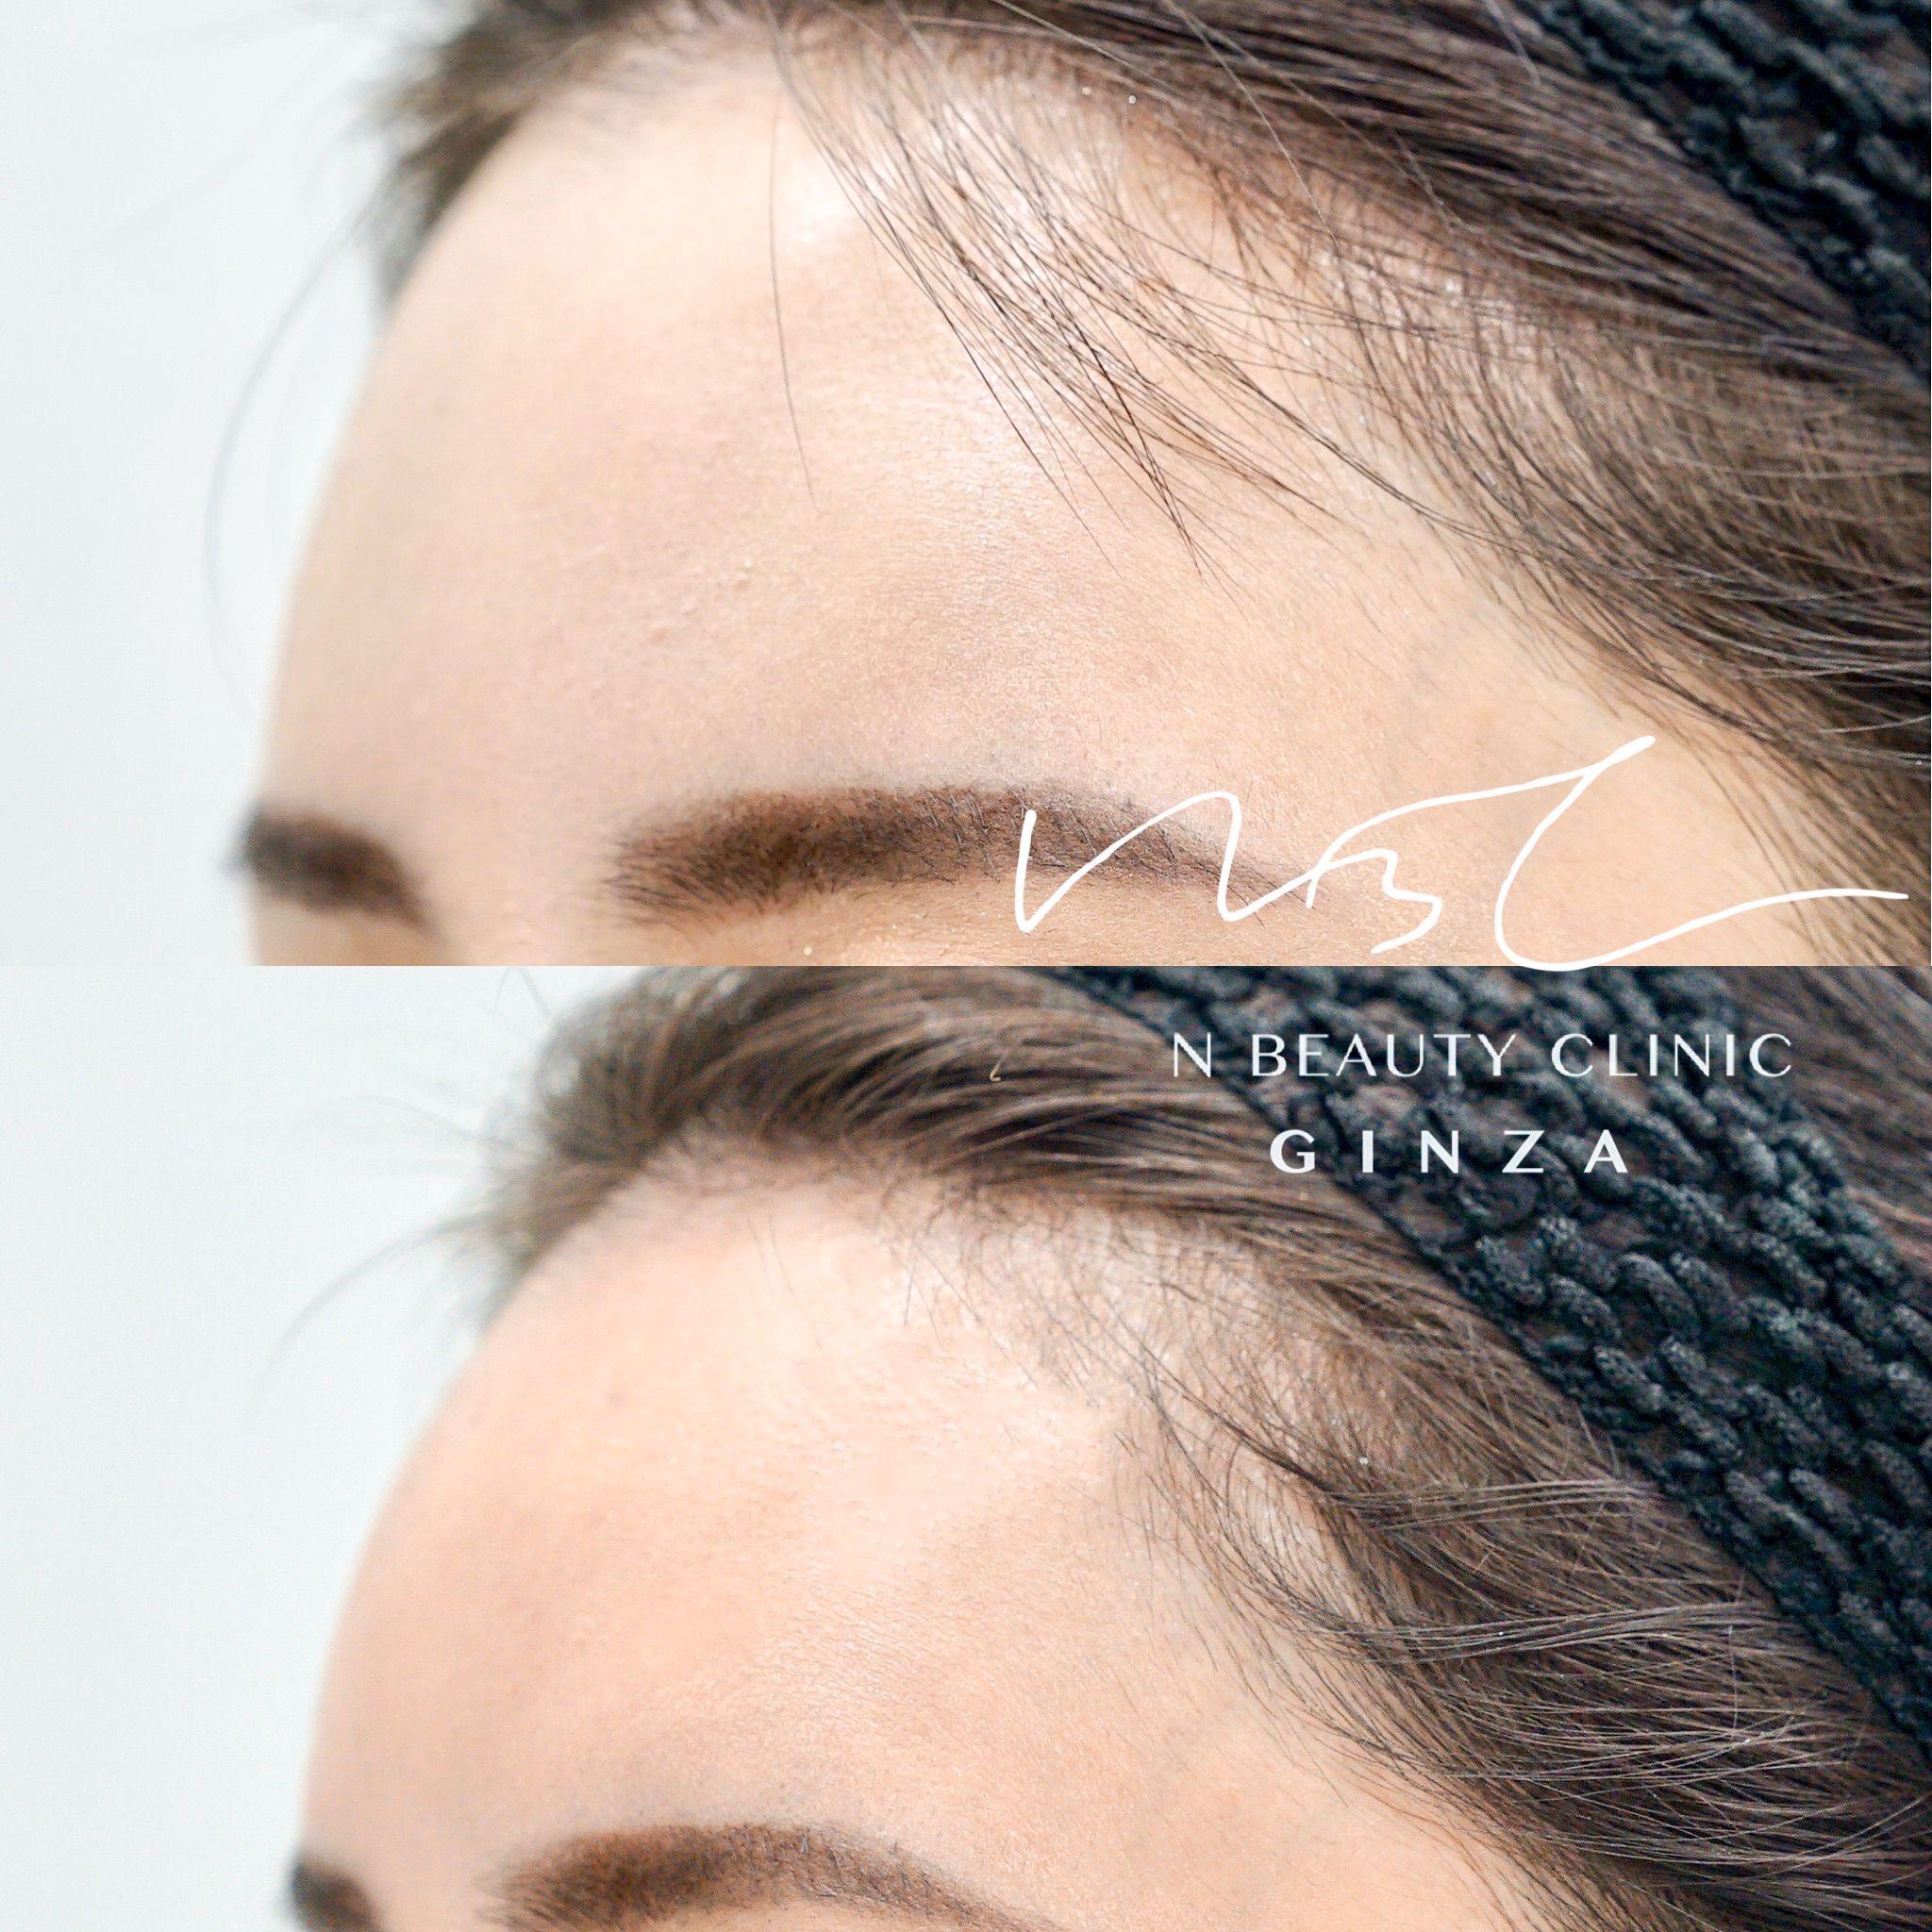 額のヒアルロン酸注入の症例写真